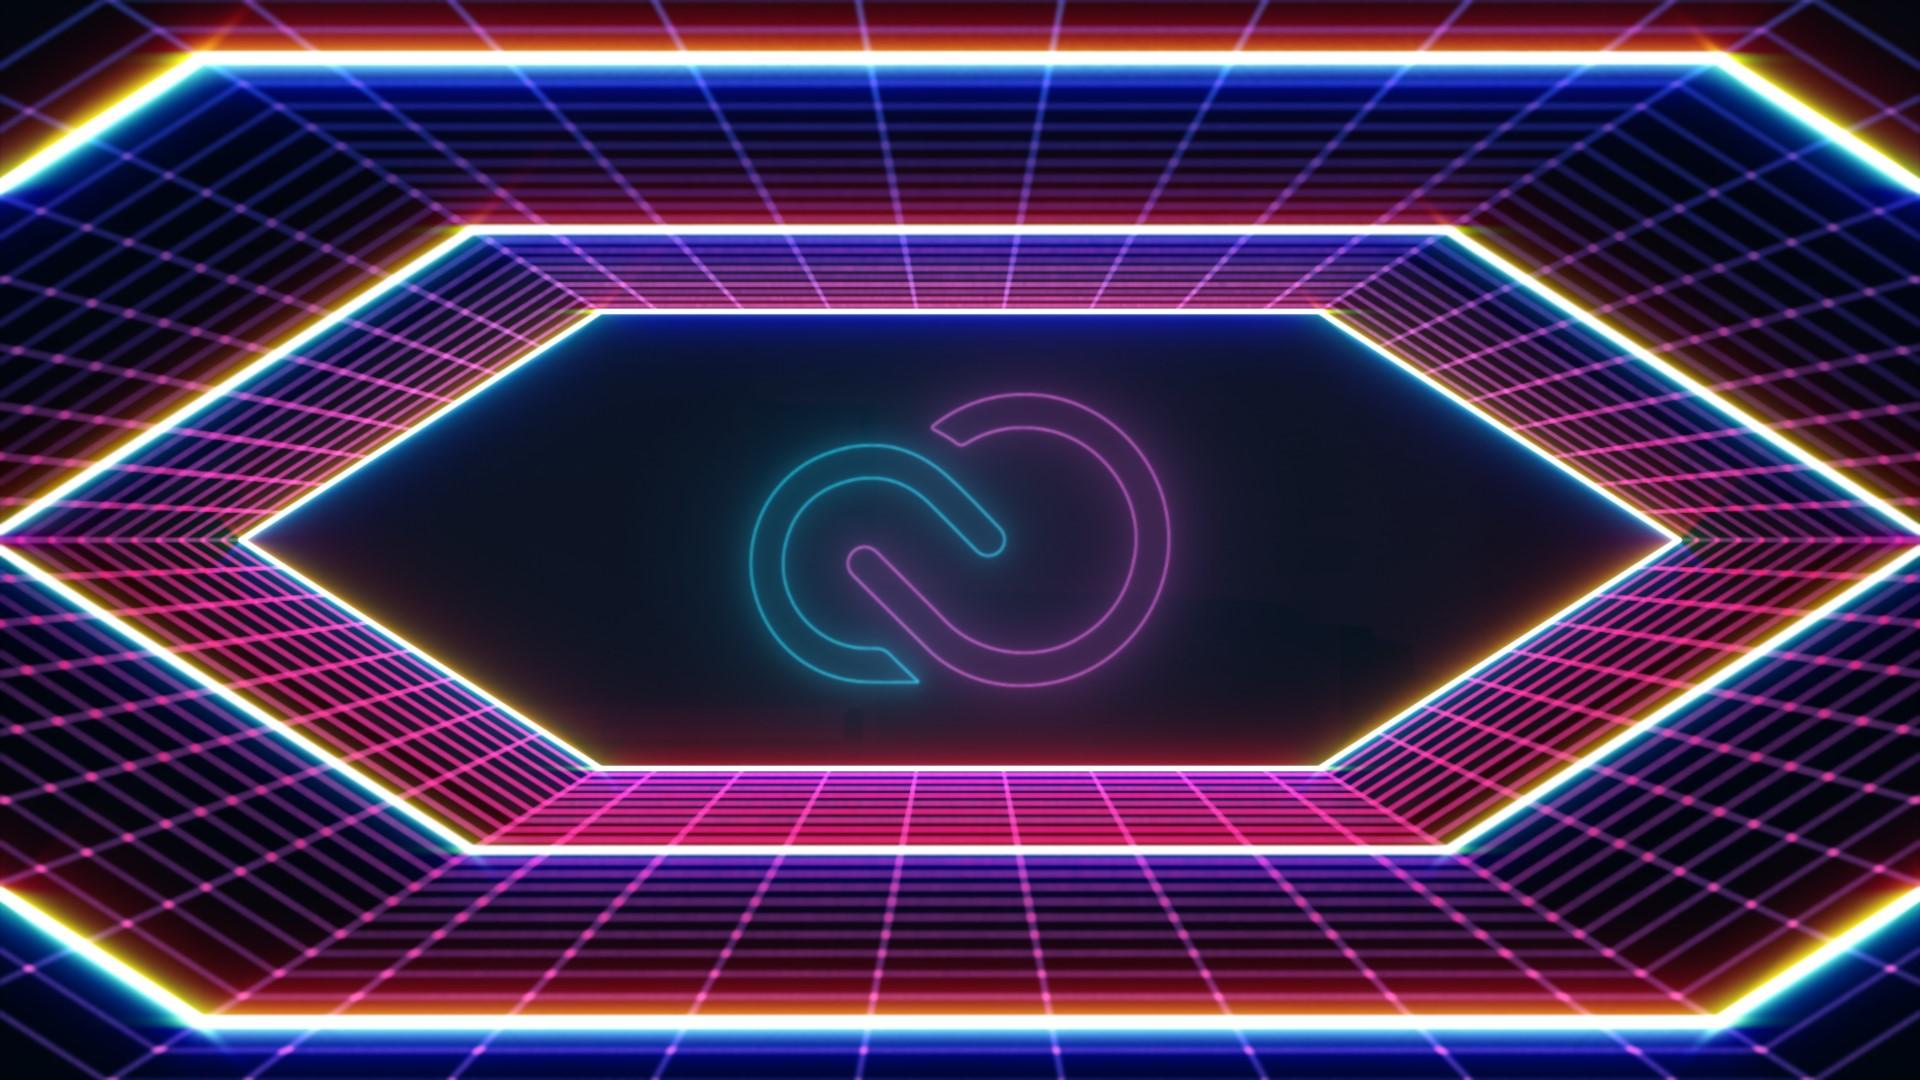 Adobe_DE_30s_16-9_V213_Adobe_Black-Friday_30s_2021-03-08_22.00.10